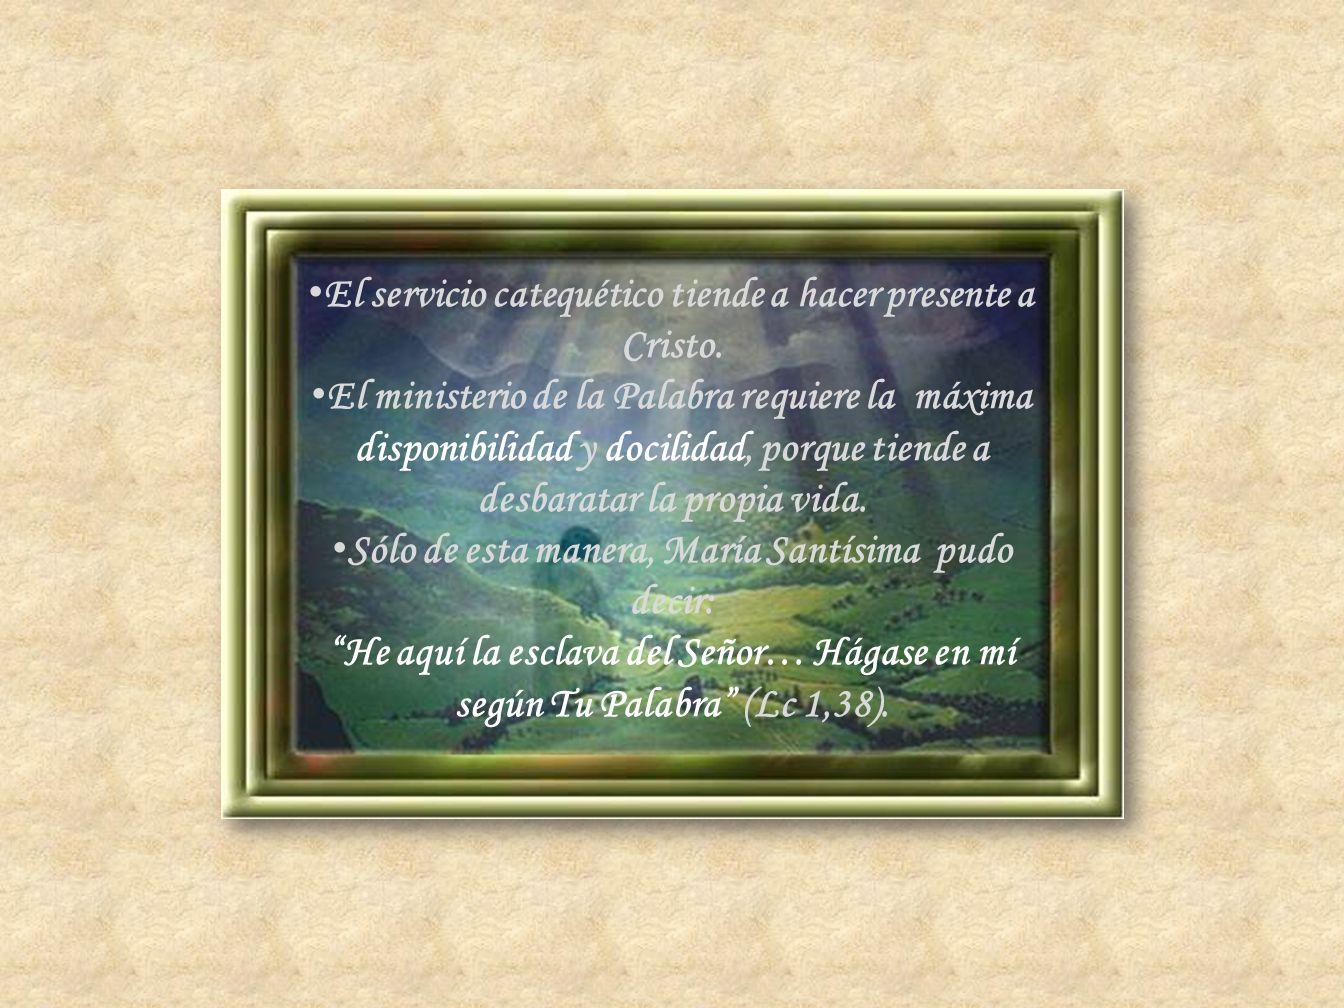 El servicio catequético tiende a hacer presente a Cristo.